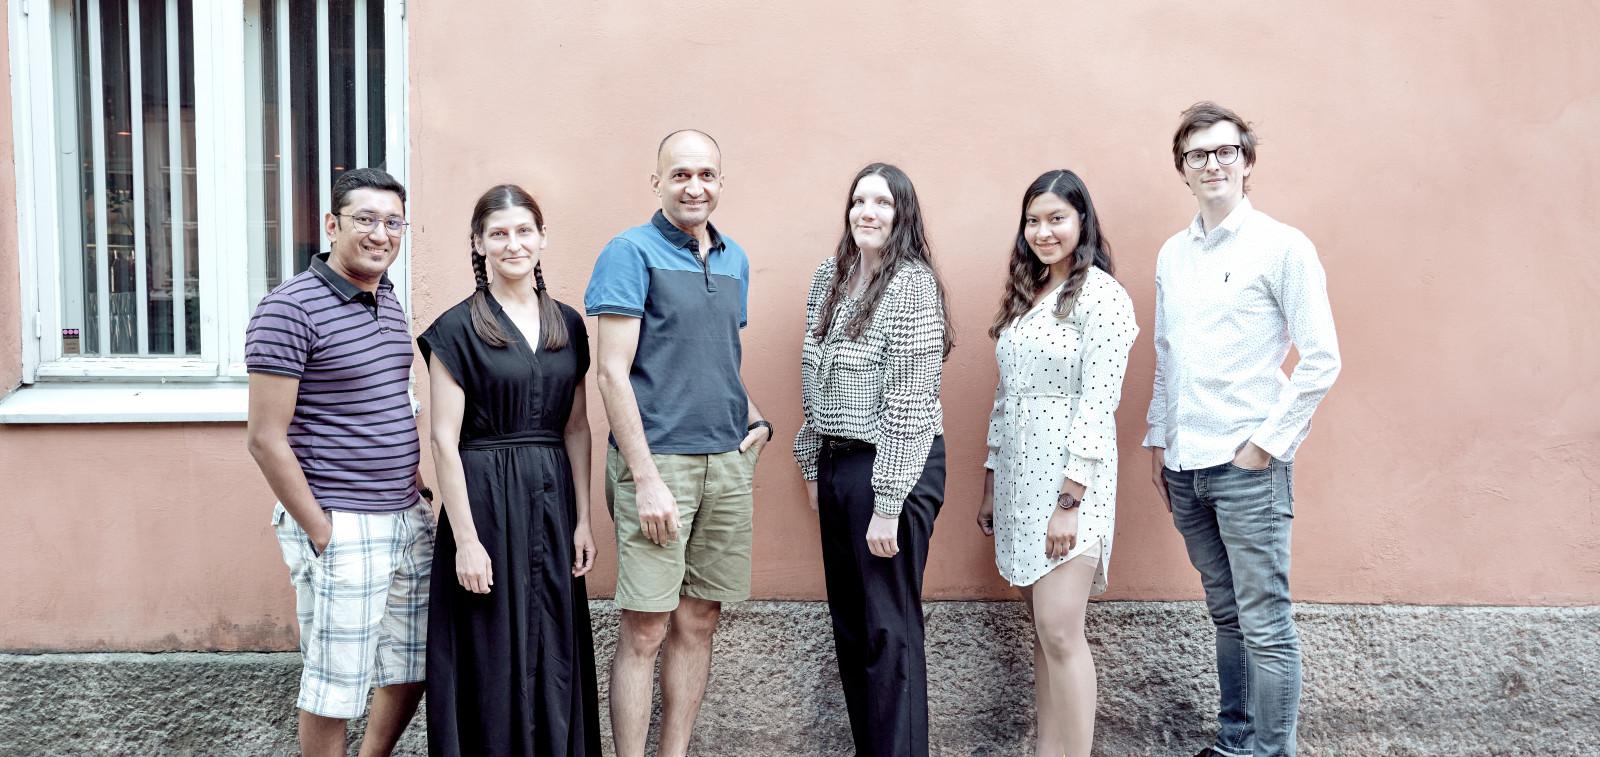 Talentedbynature talent ambassadors - 6 kampanjan lähettilästä seisomassa.